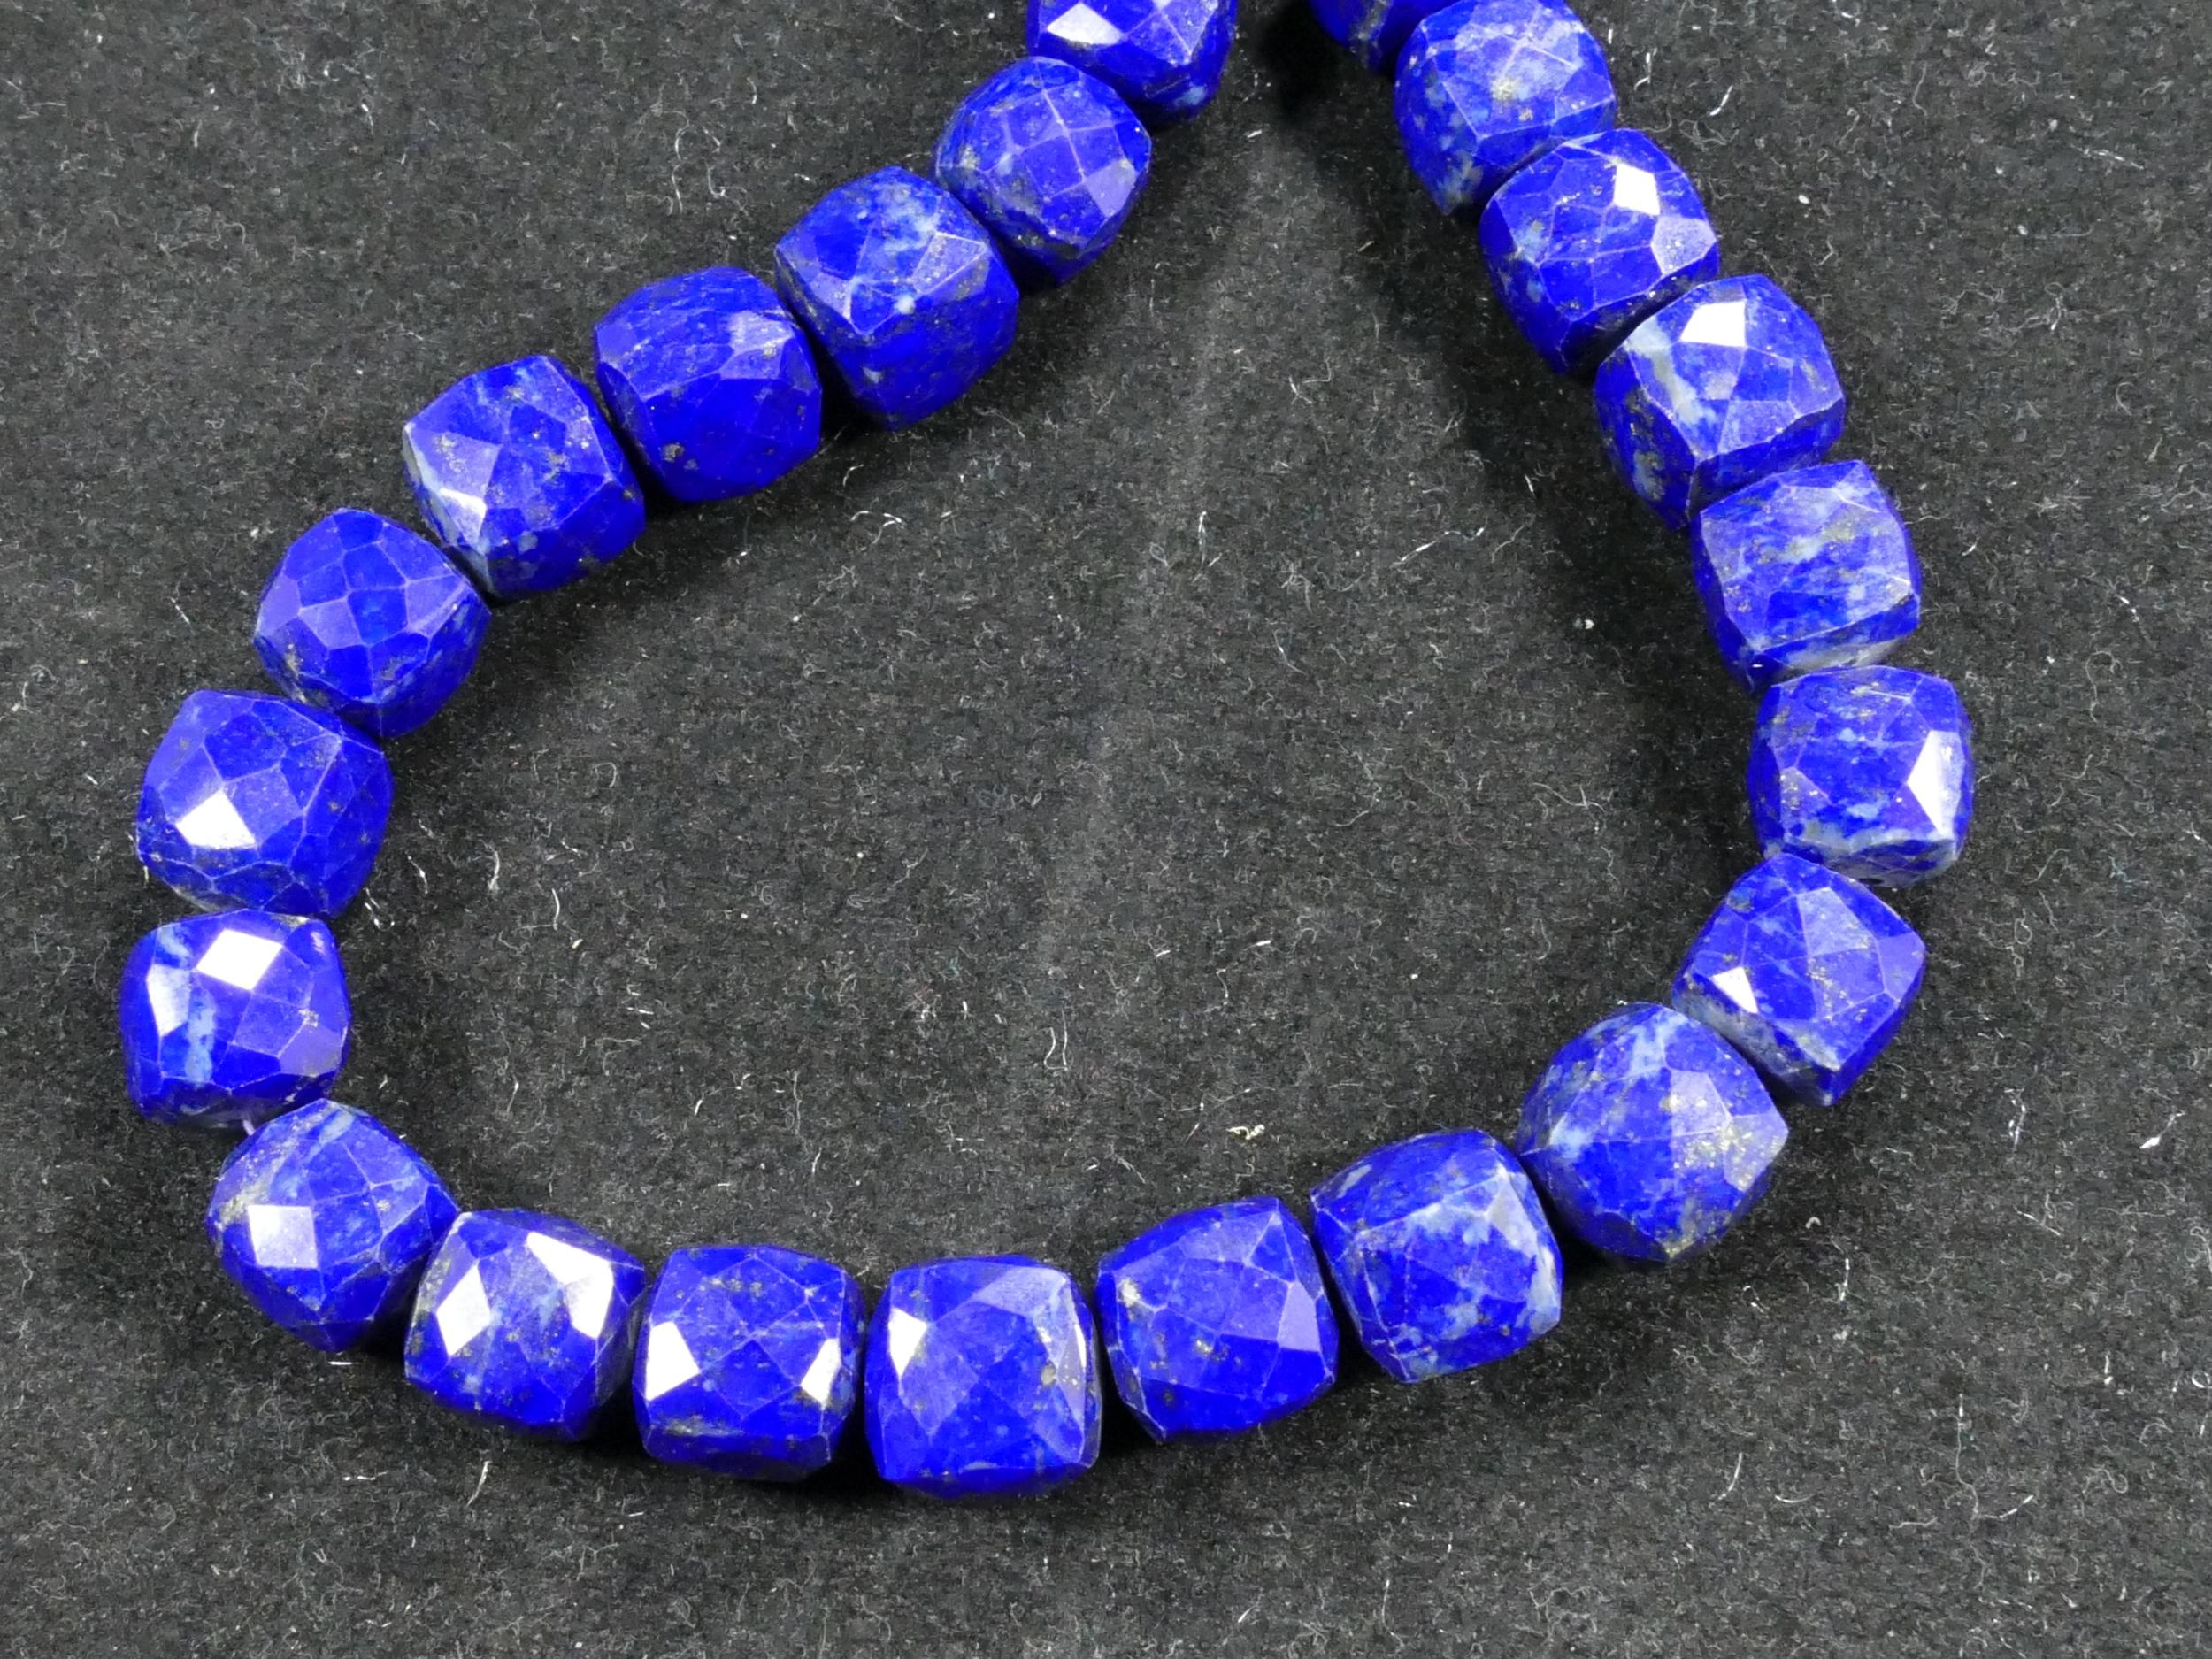 8.5/9.5mm x2 Perles de Lapis lazuli entièrement naturel en cube facettée (#AC830)